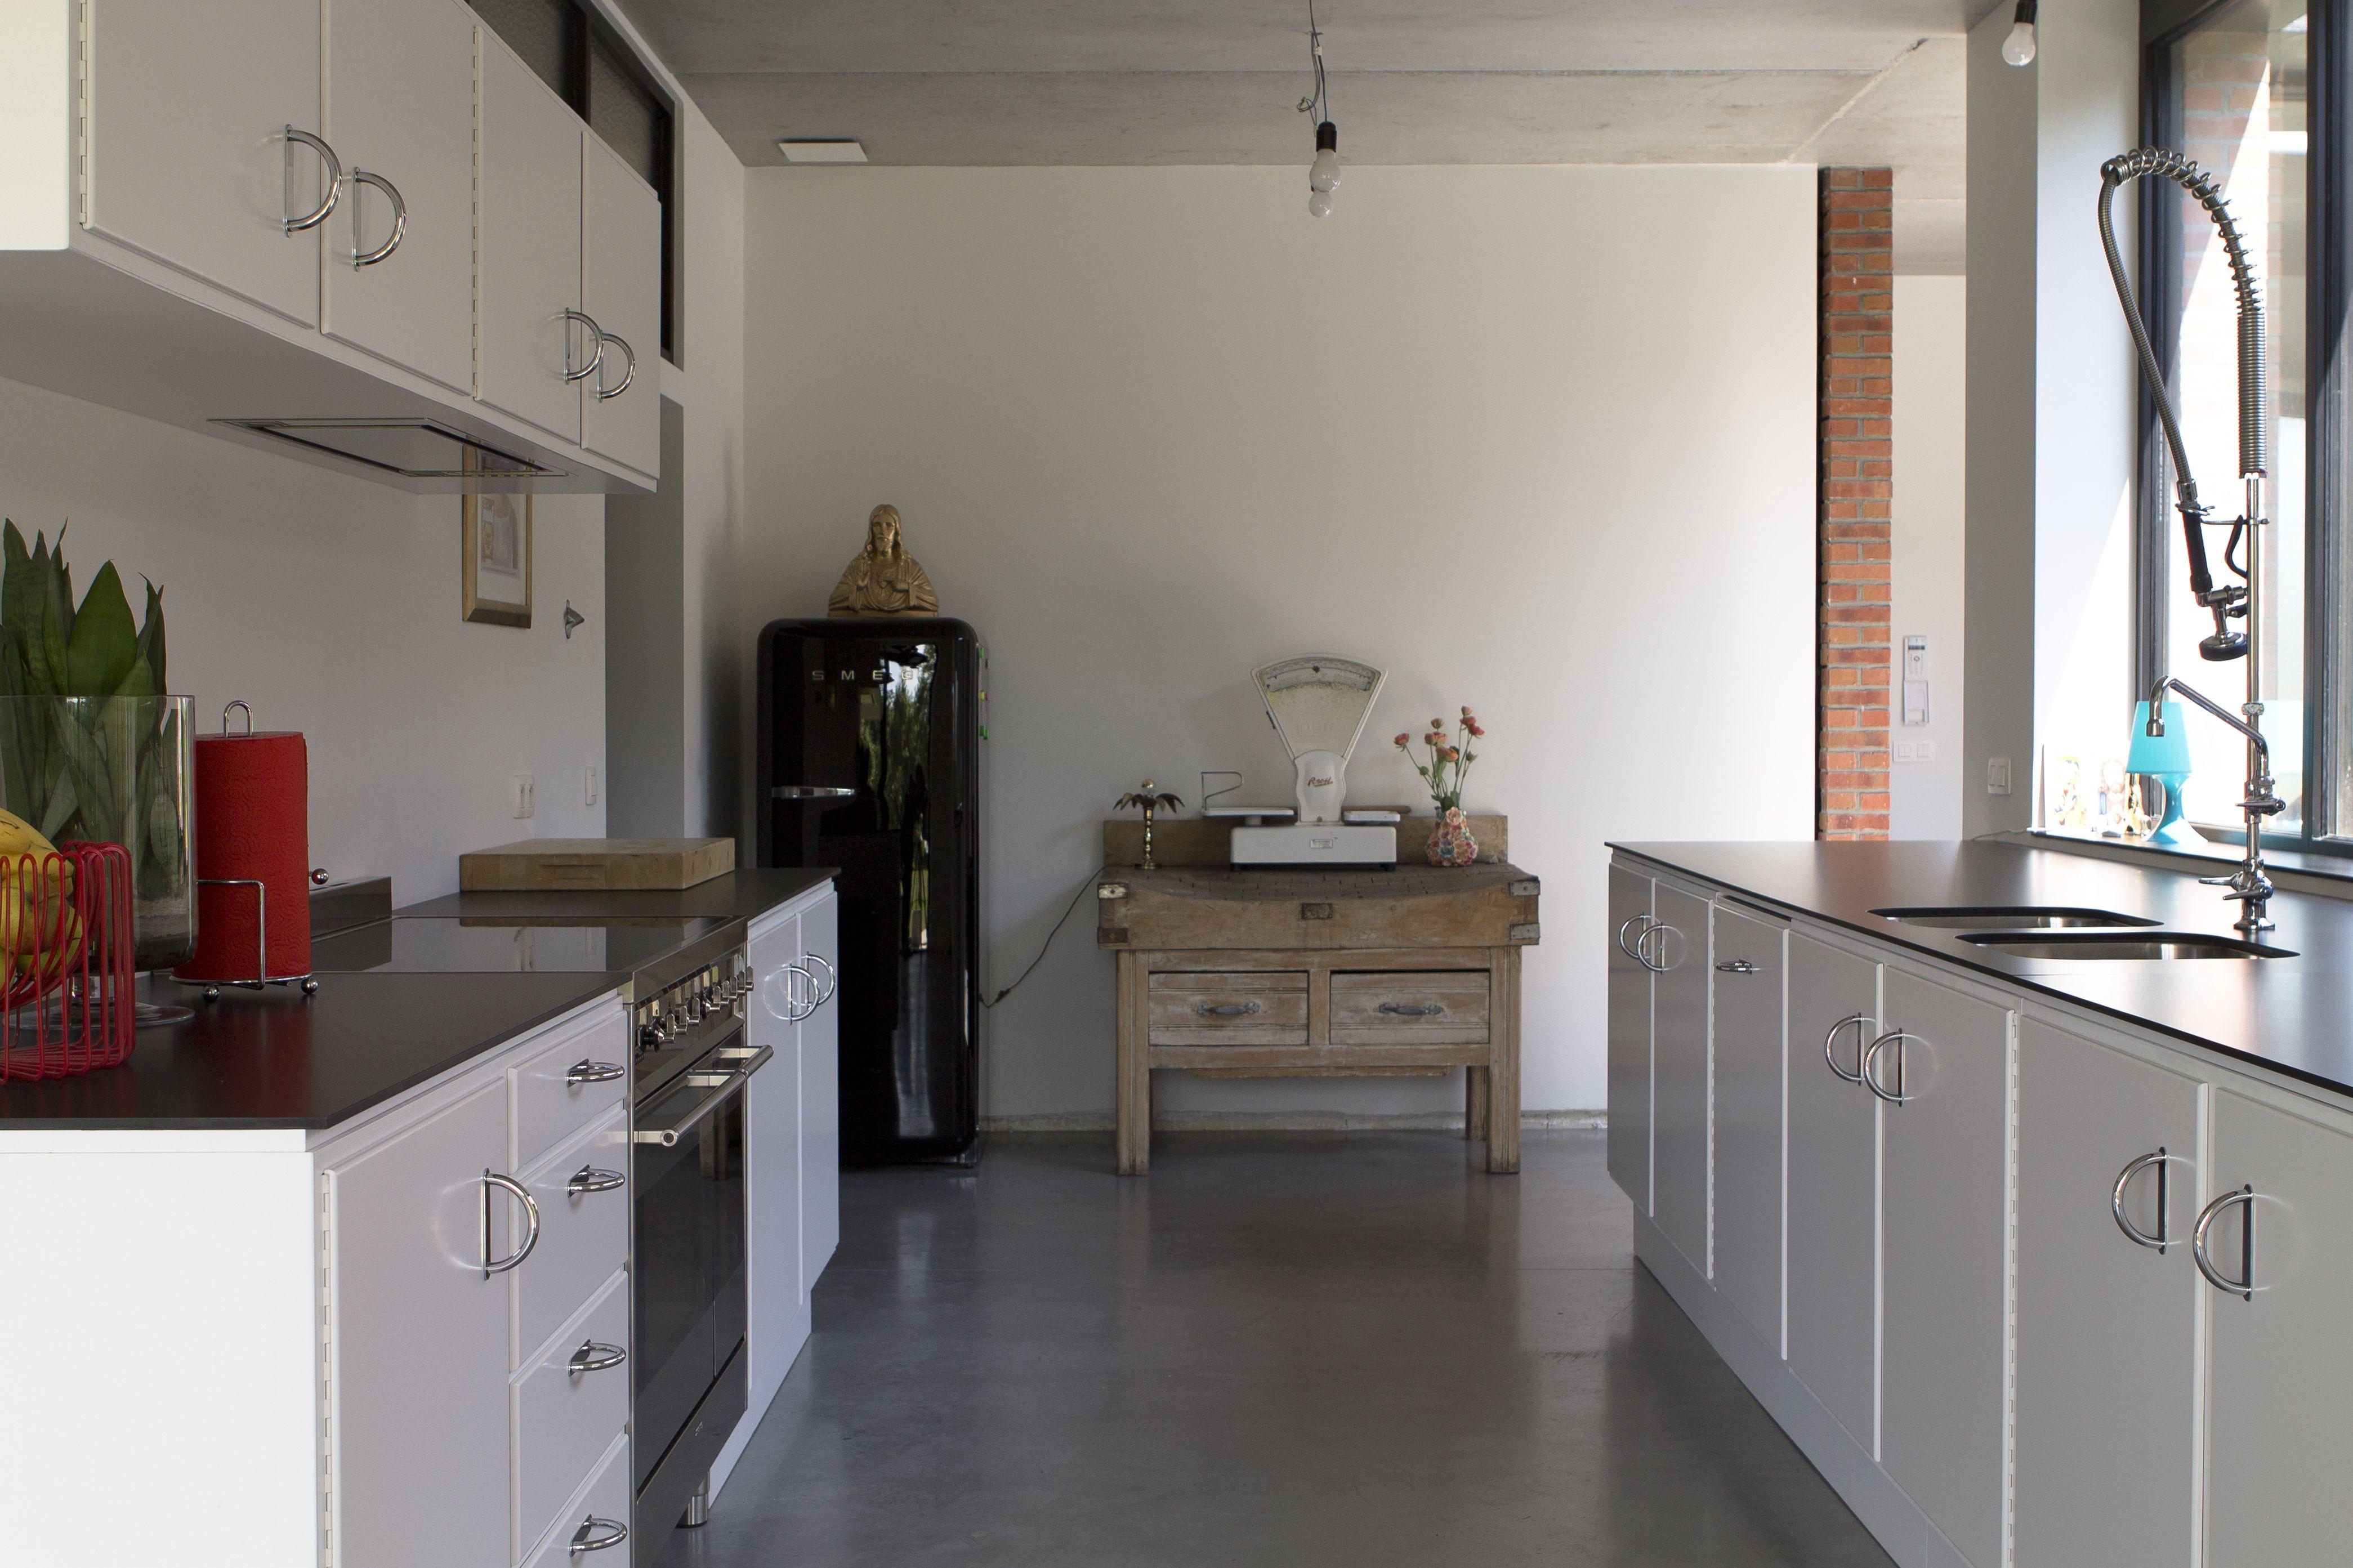 Nieuwe keuken met jaren 30 look. ontwerp en uitvoering: p & carreau